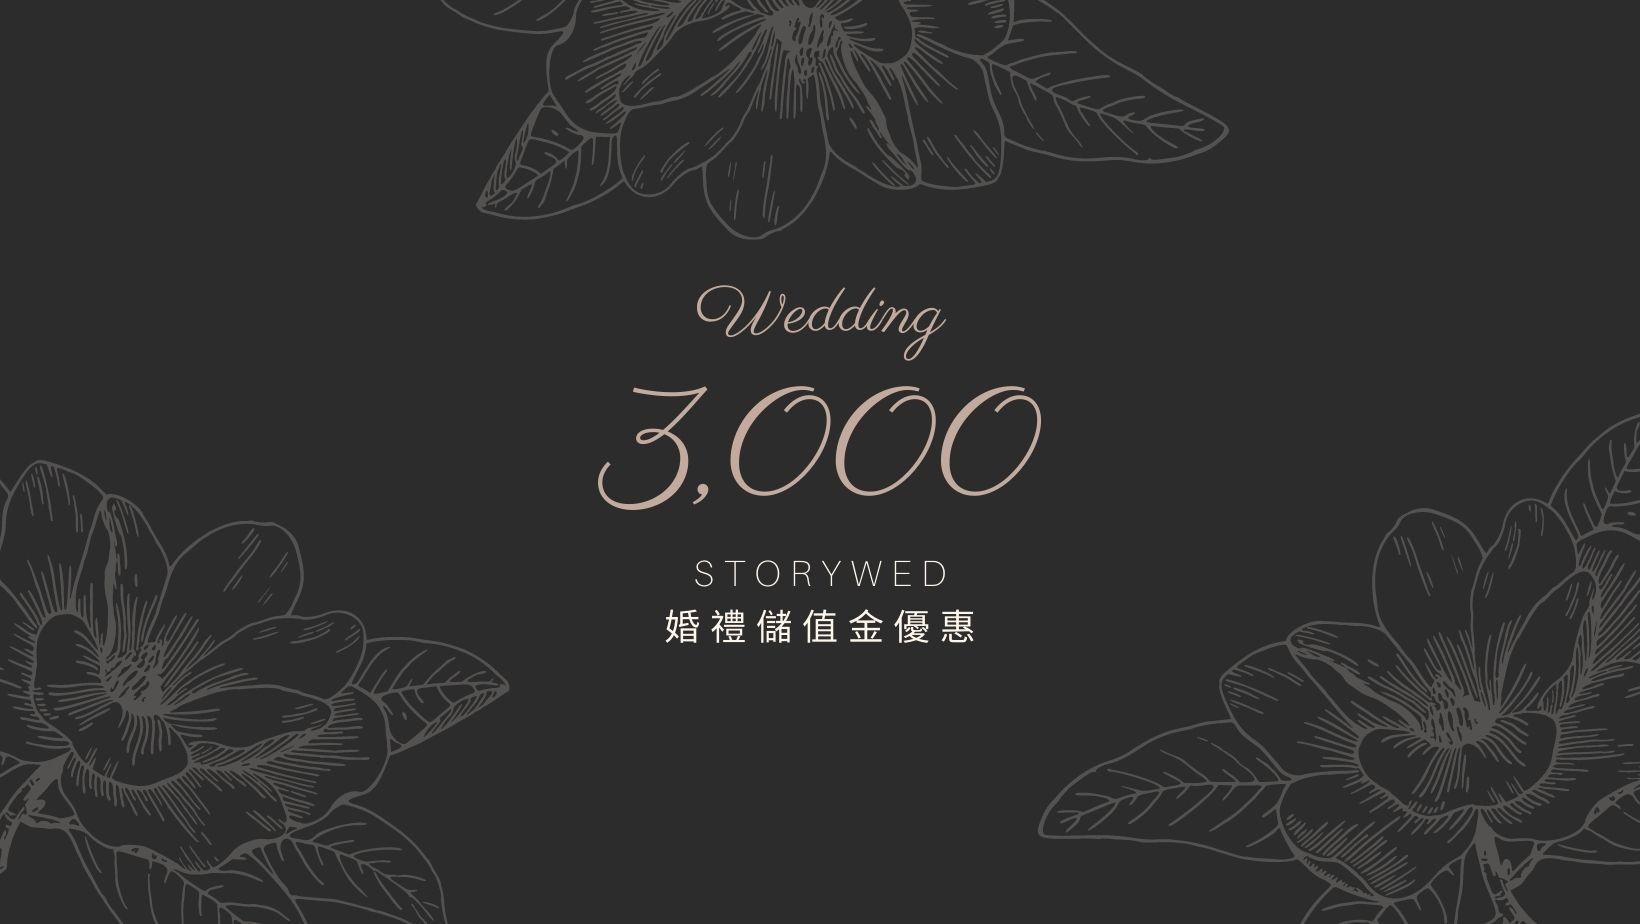 婚禮籌備儲值金專案